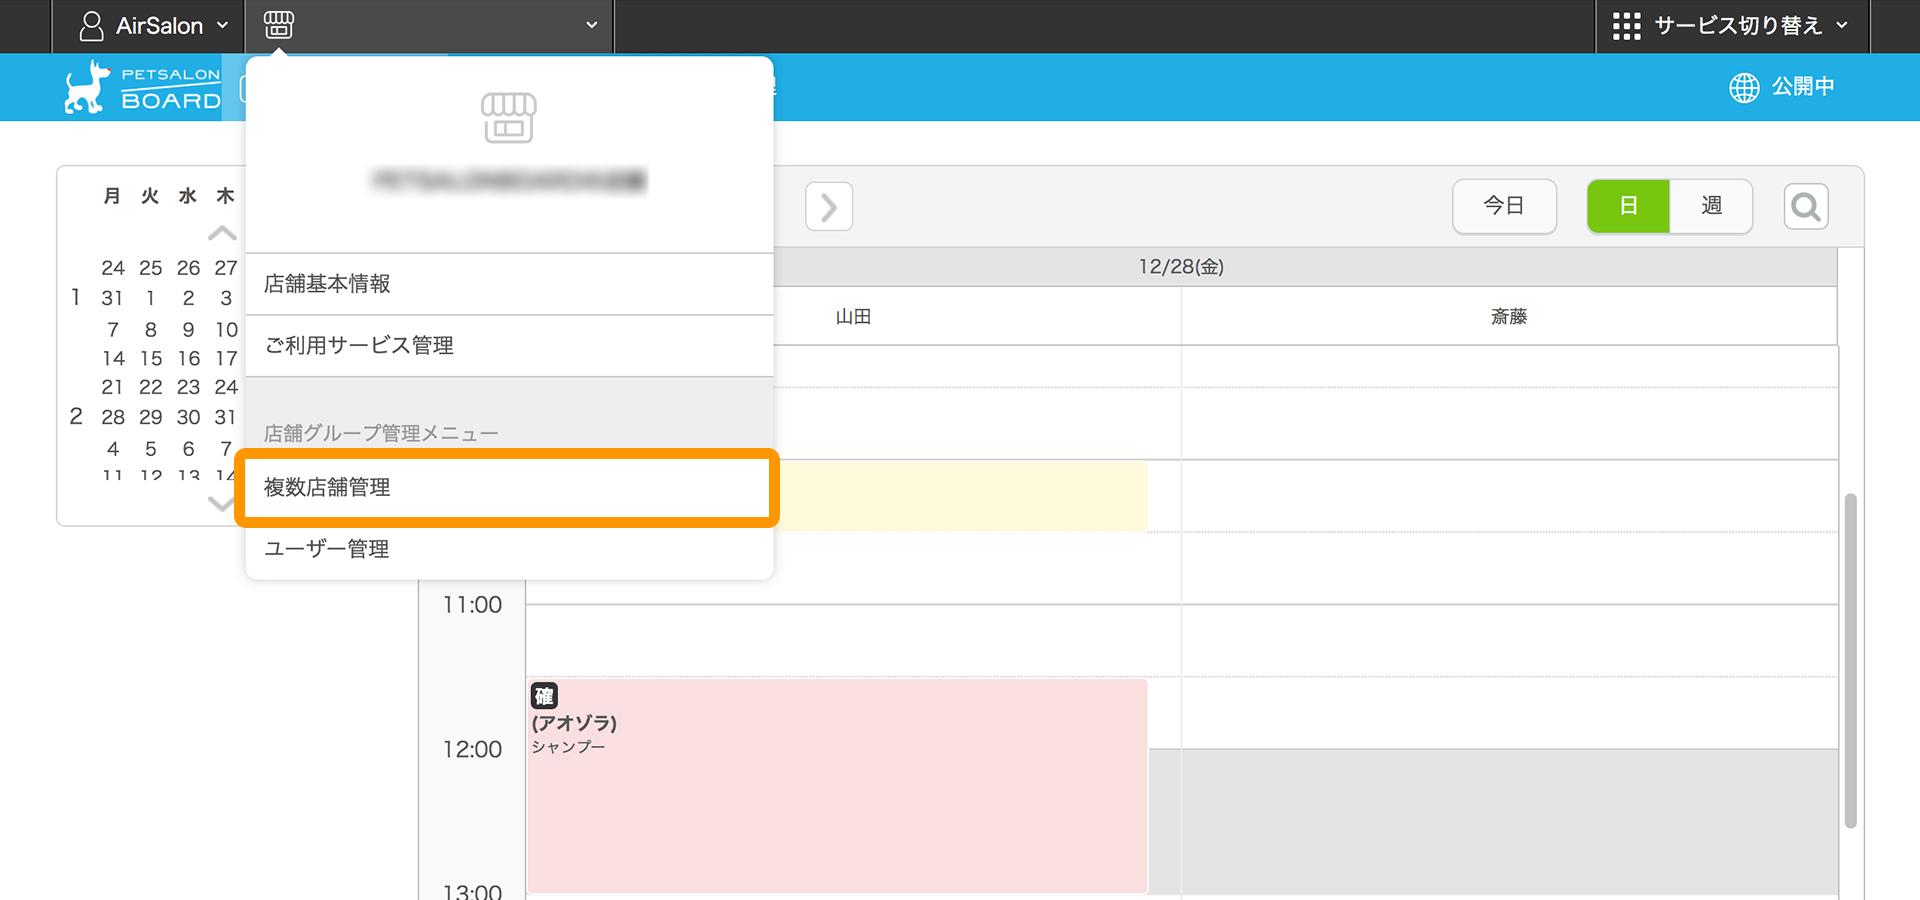 Pc サロン 版 管理 画面 ボード サロンボードのシステム障害|対応しておくべきポイント5選